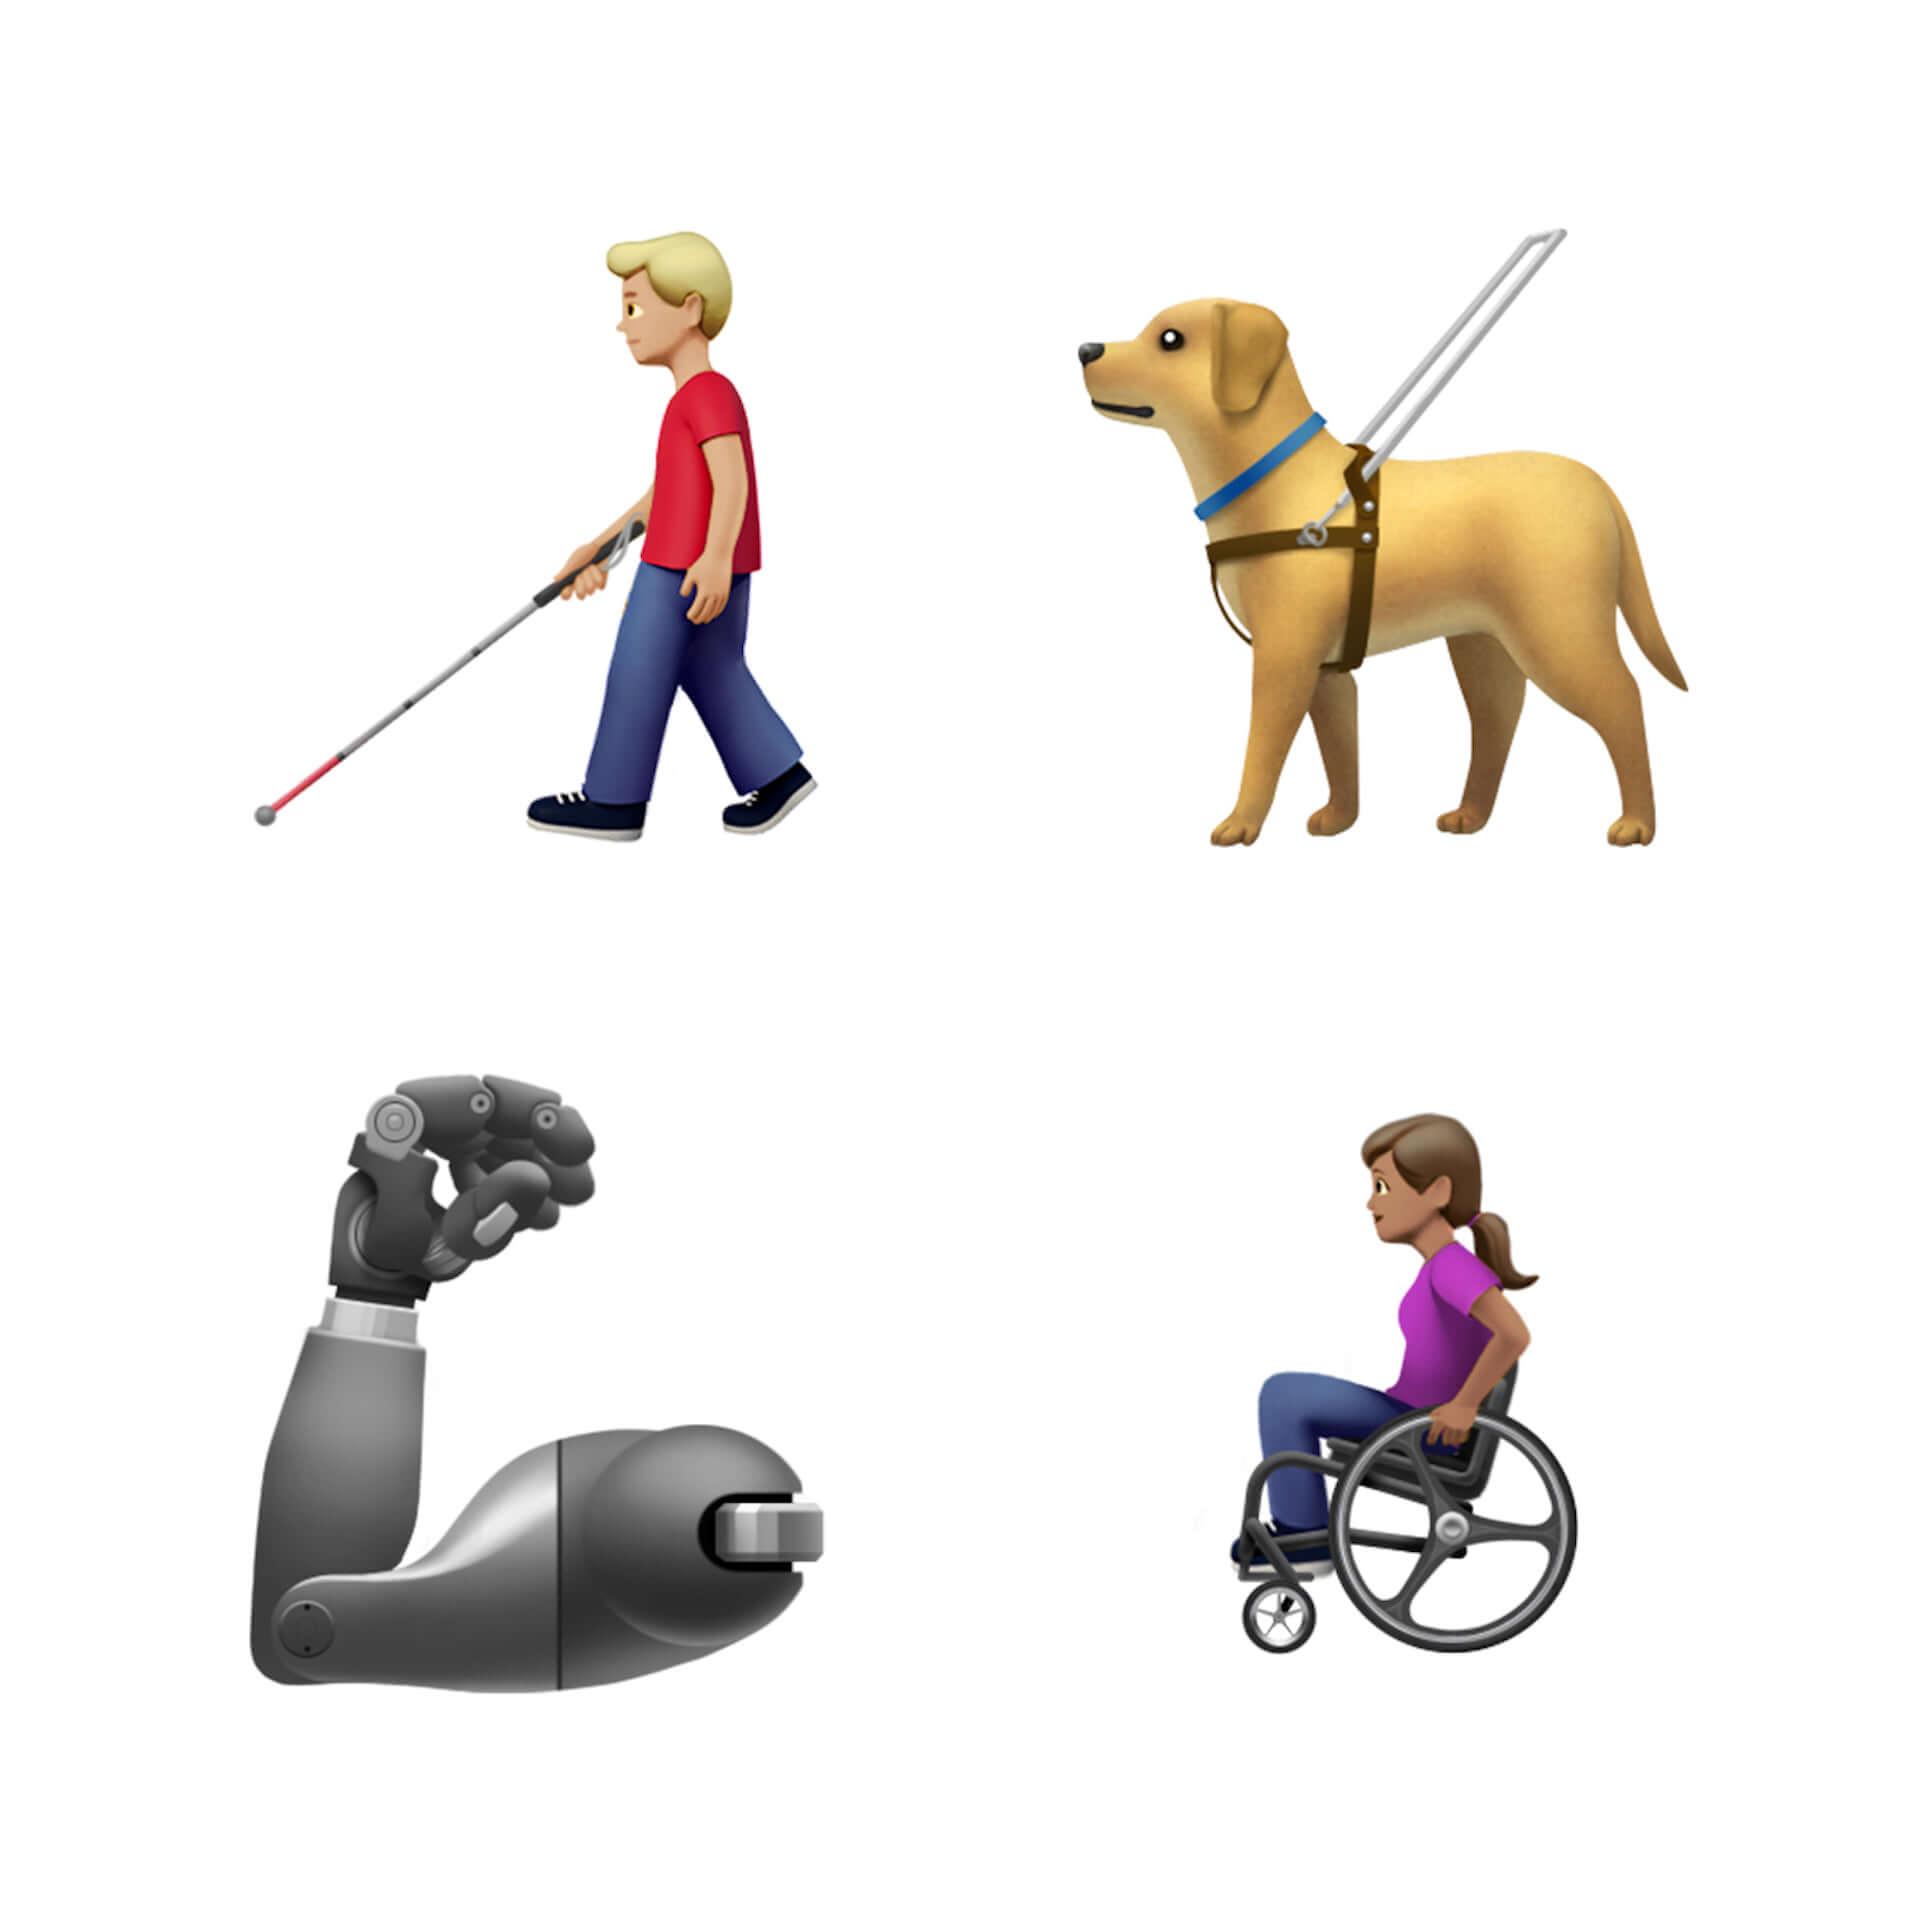 キュートな動物たちから多様性を奨励する絵文字まで!Apple「iOS 13」に追加予定の絵文字の一部が公開に tech190717_apple_emoji_3-1920x1920